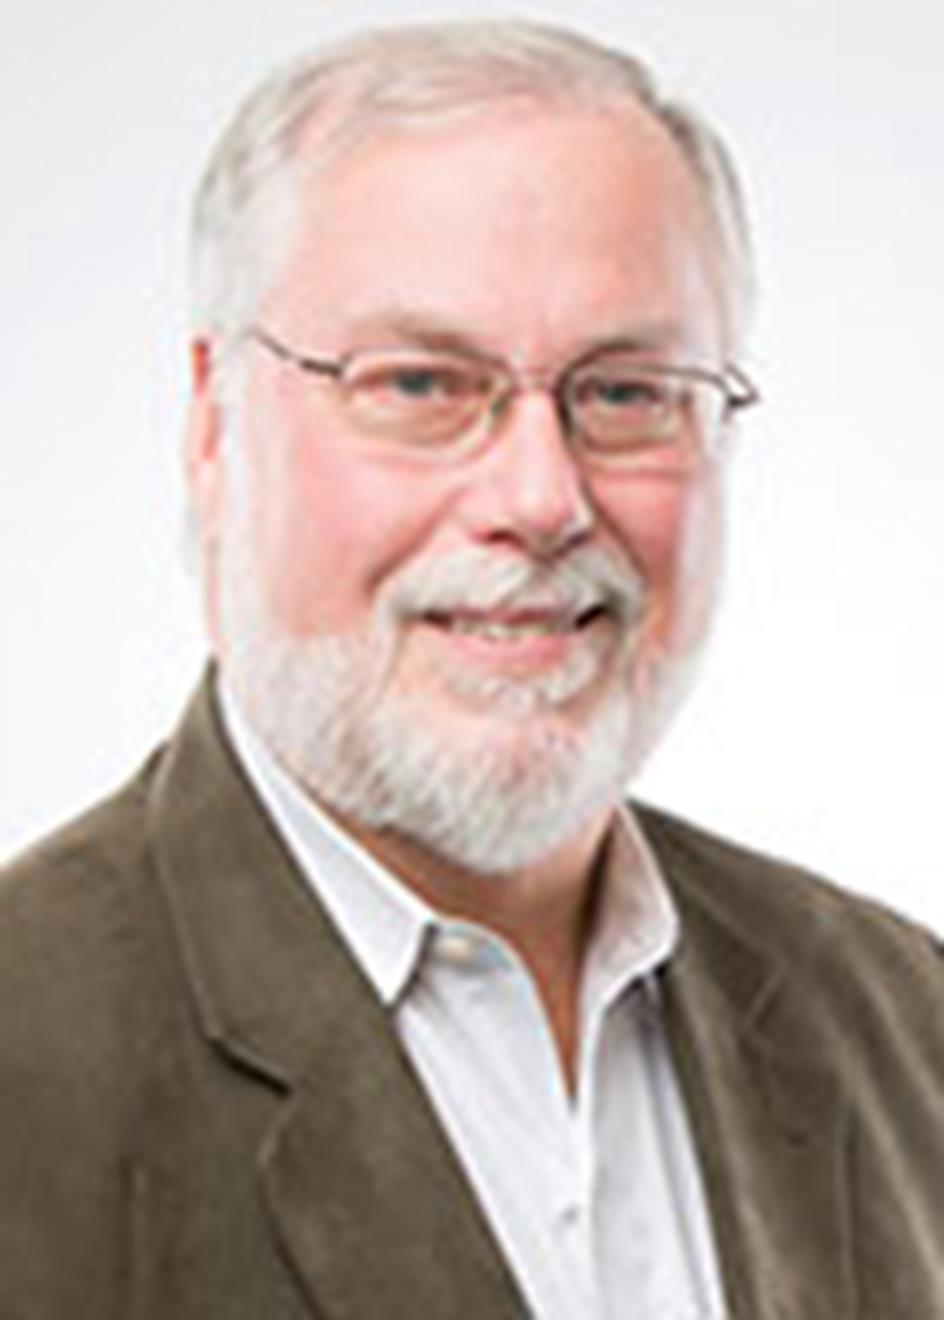 Daniel Kramlich